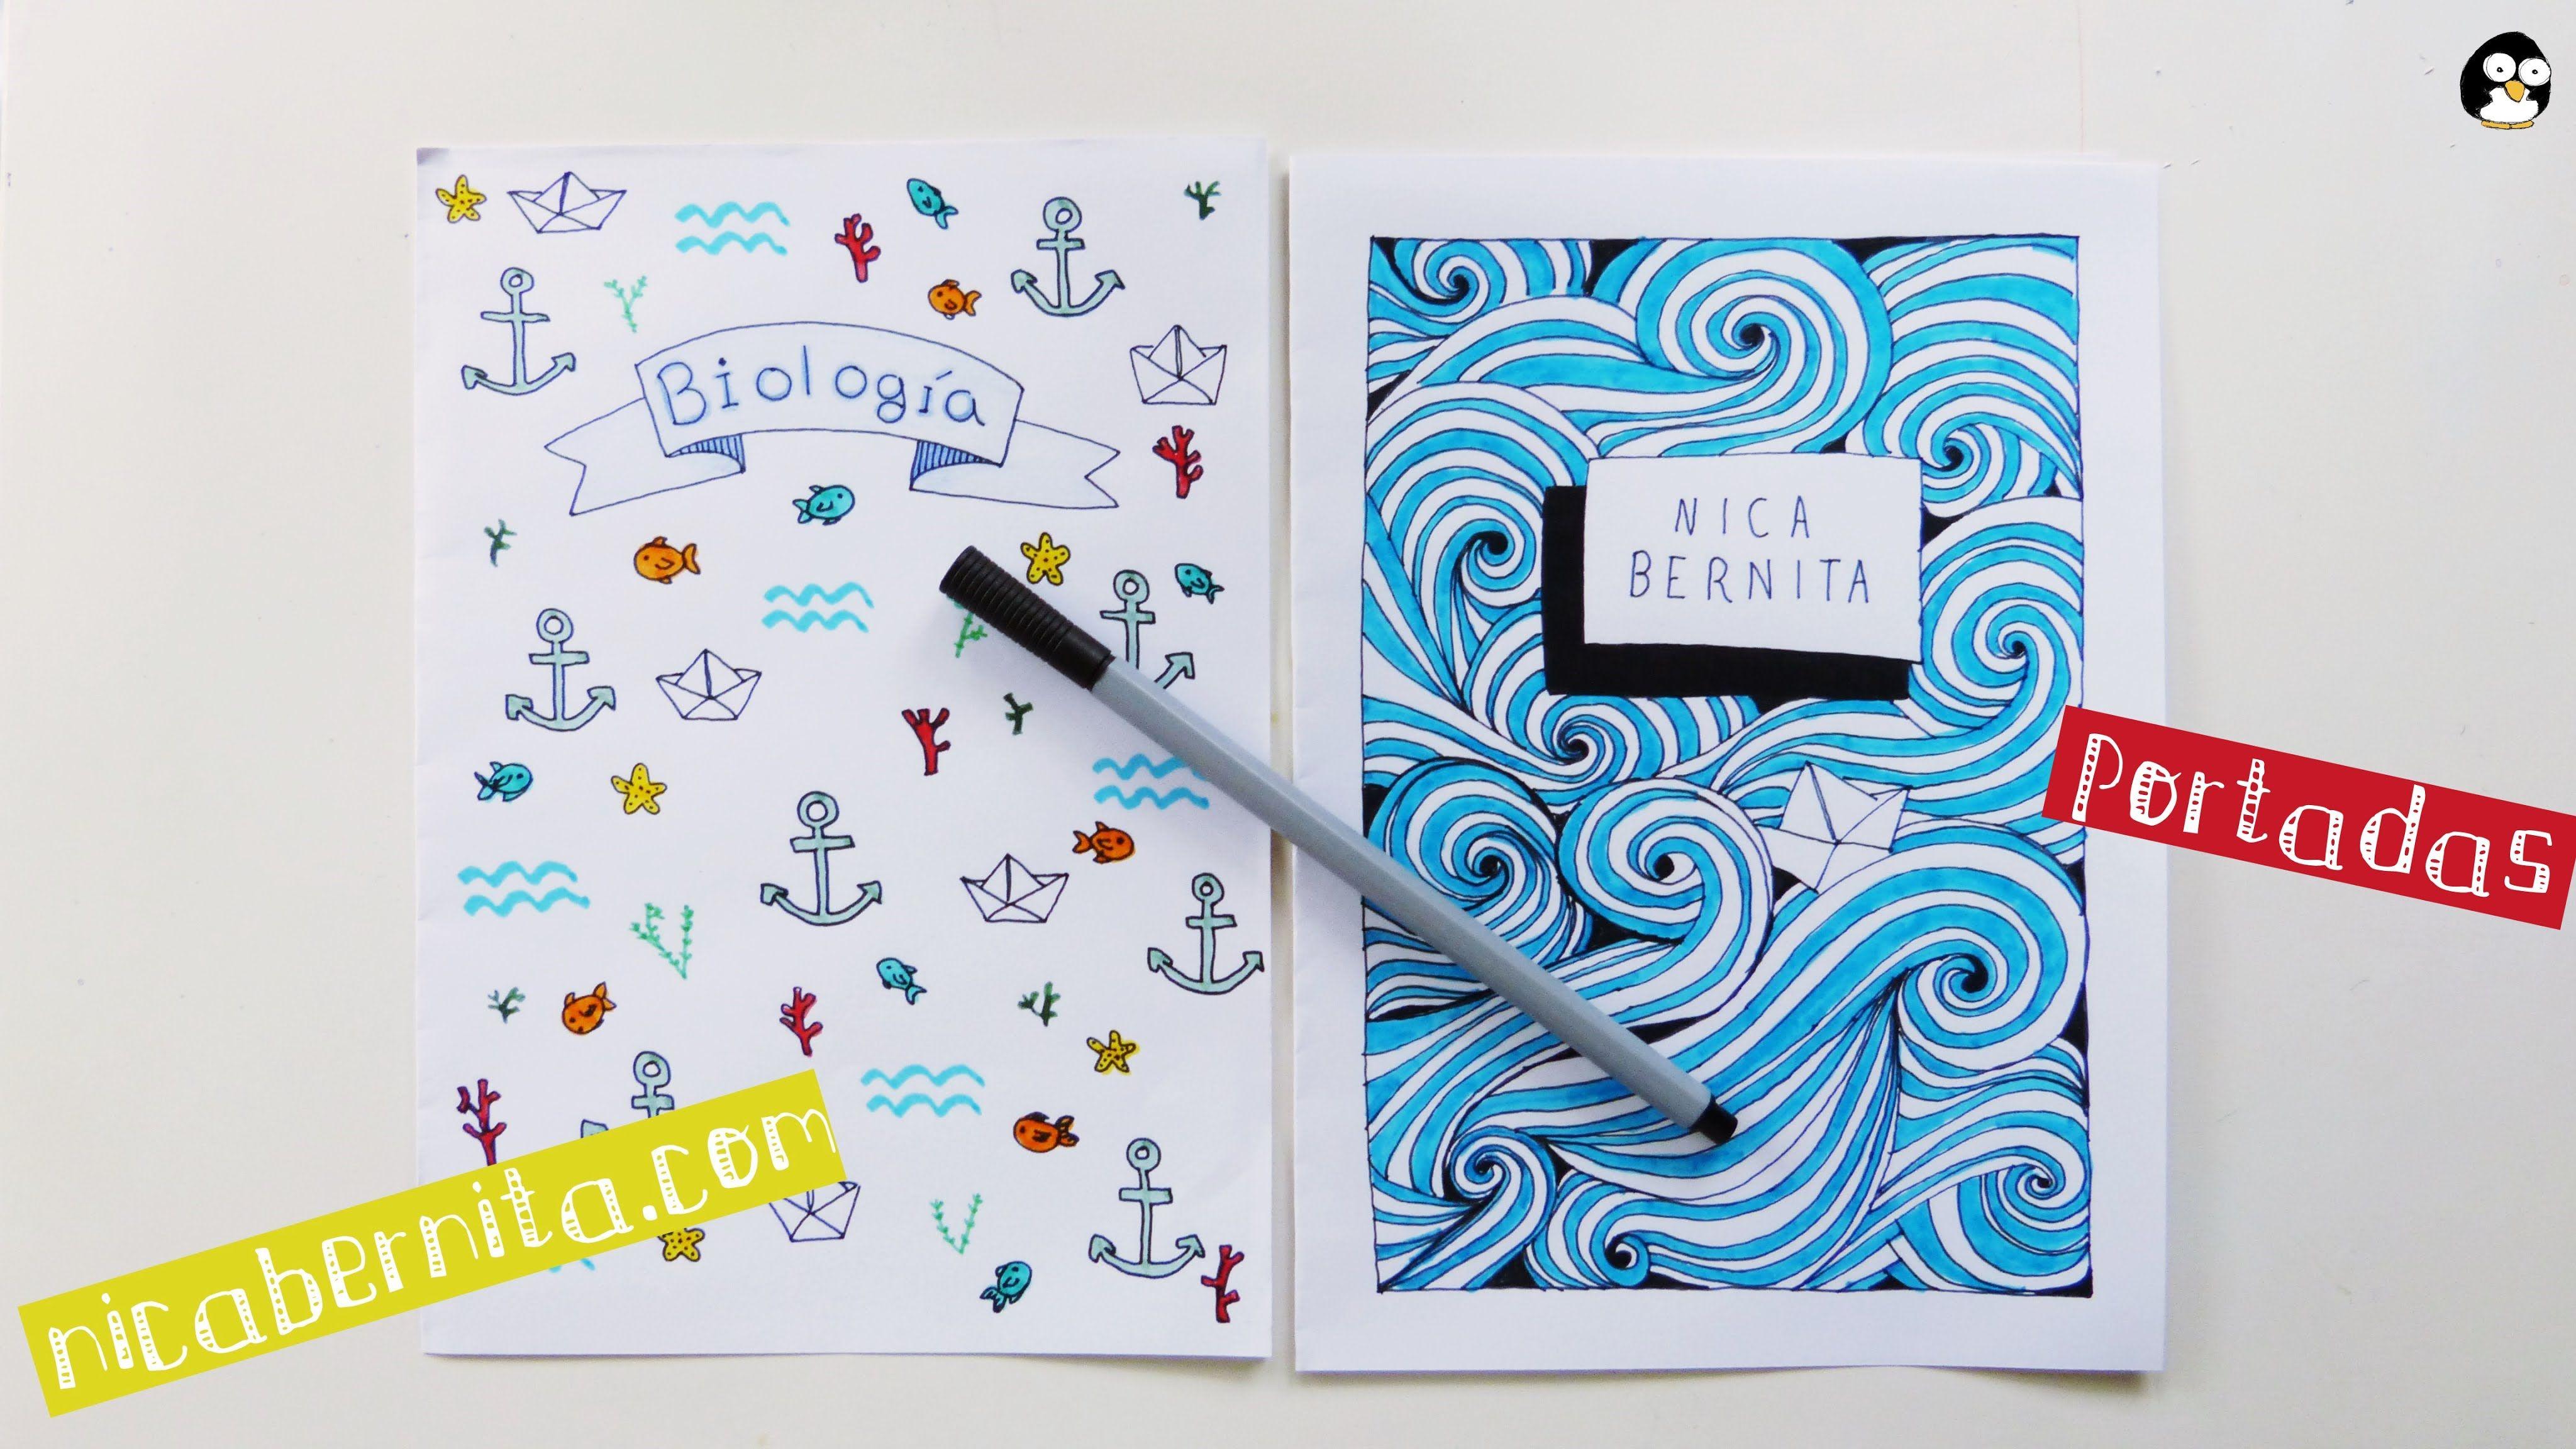 Como Hacer La Libreta De Dibujo De Marinetteprodigiosa: Cómo Hacer Portadas Fáciles Para Decorar Cuadernos